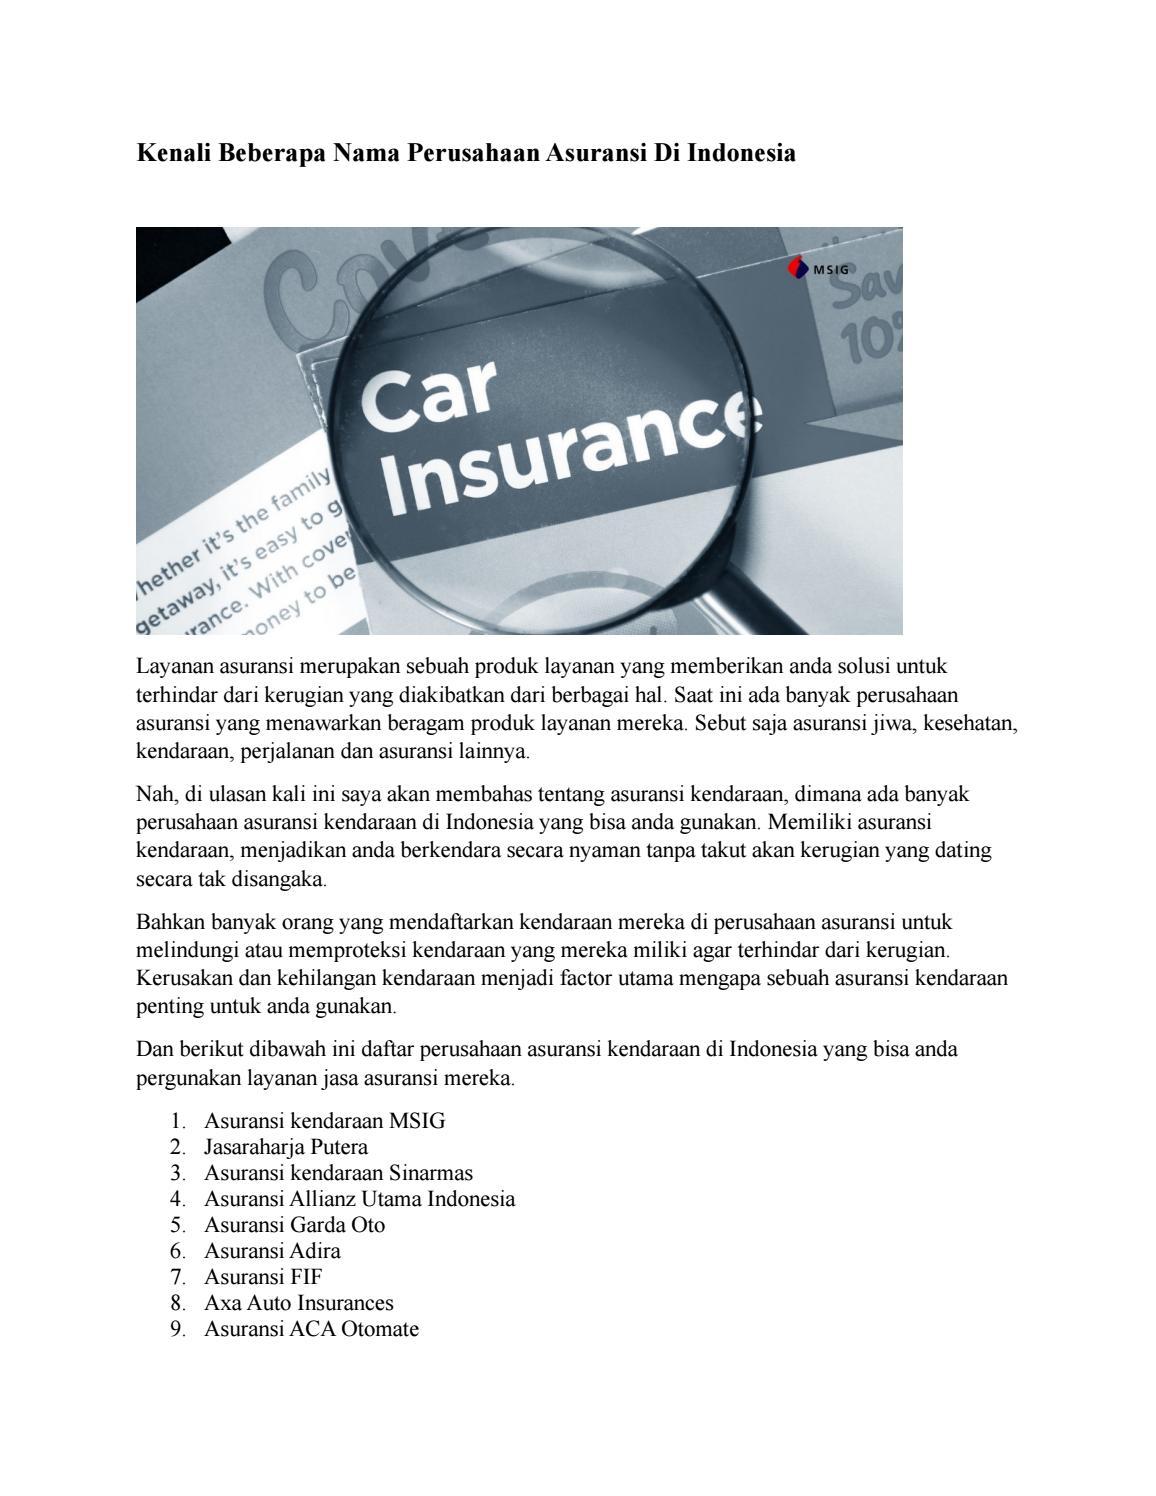 Kenali Beberapa Nama Perusahaan Asuransi Kendaraan Di Indonesia By Bosarman Issuu